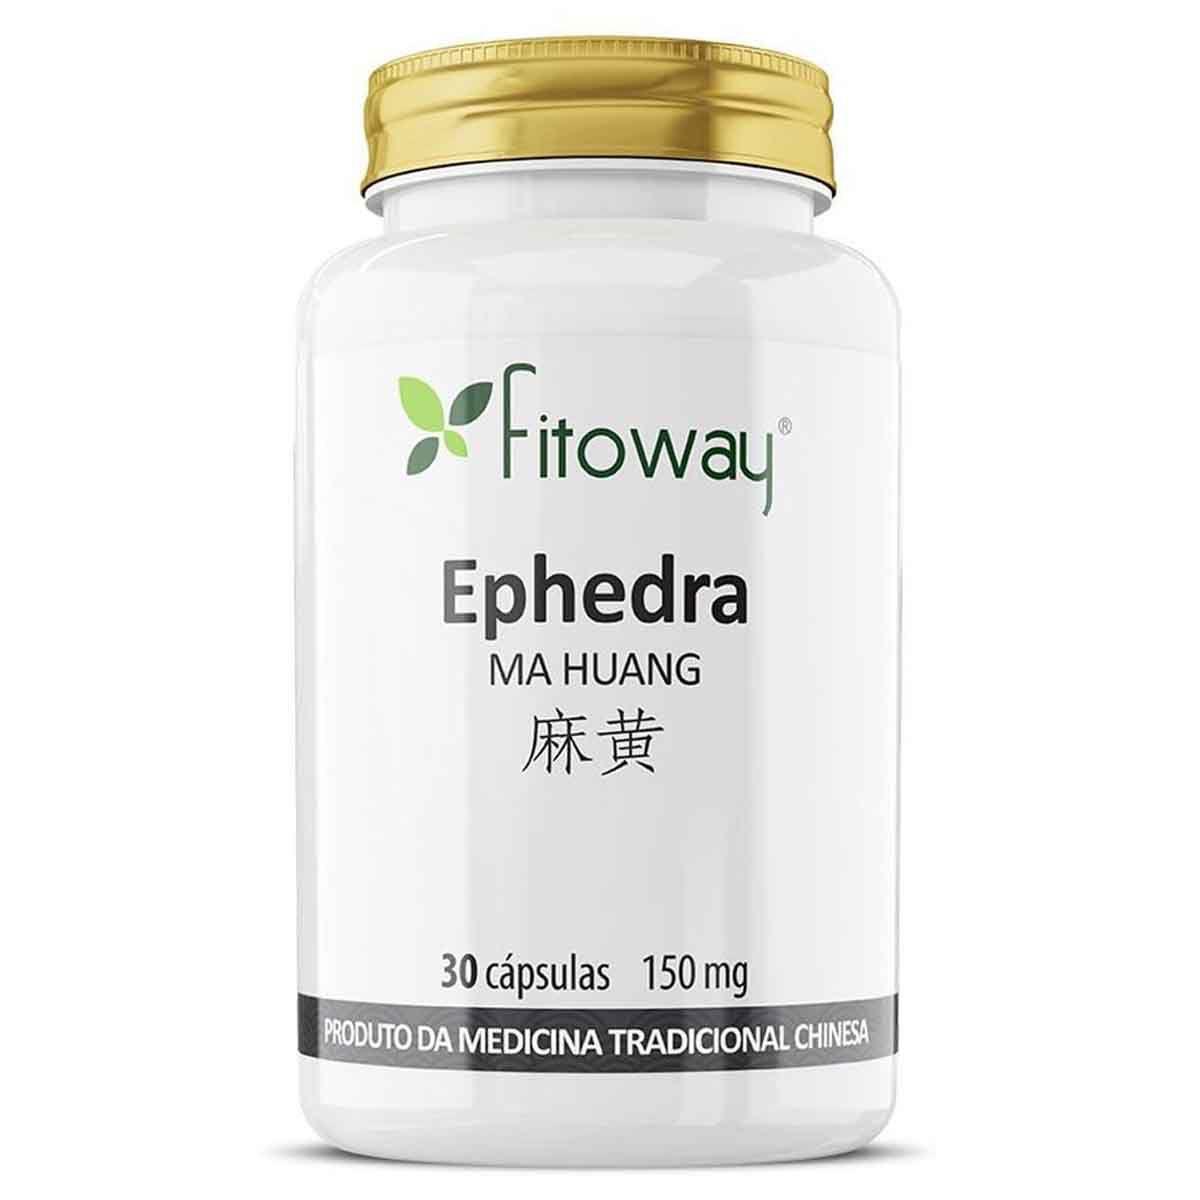 Ephedra 150mg 30 cápsulas - Fitoway